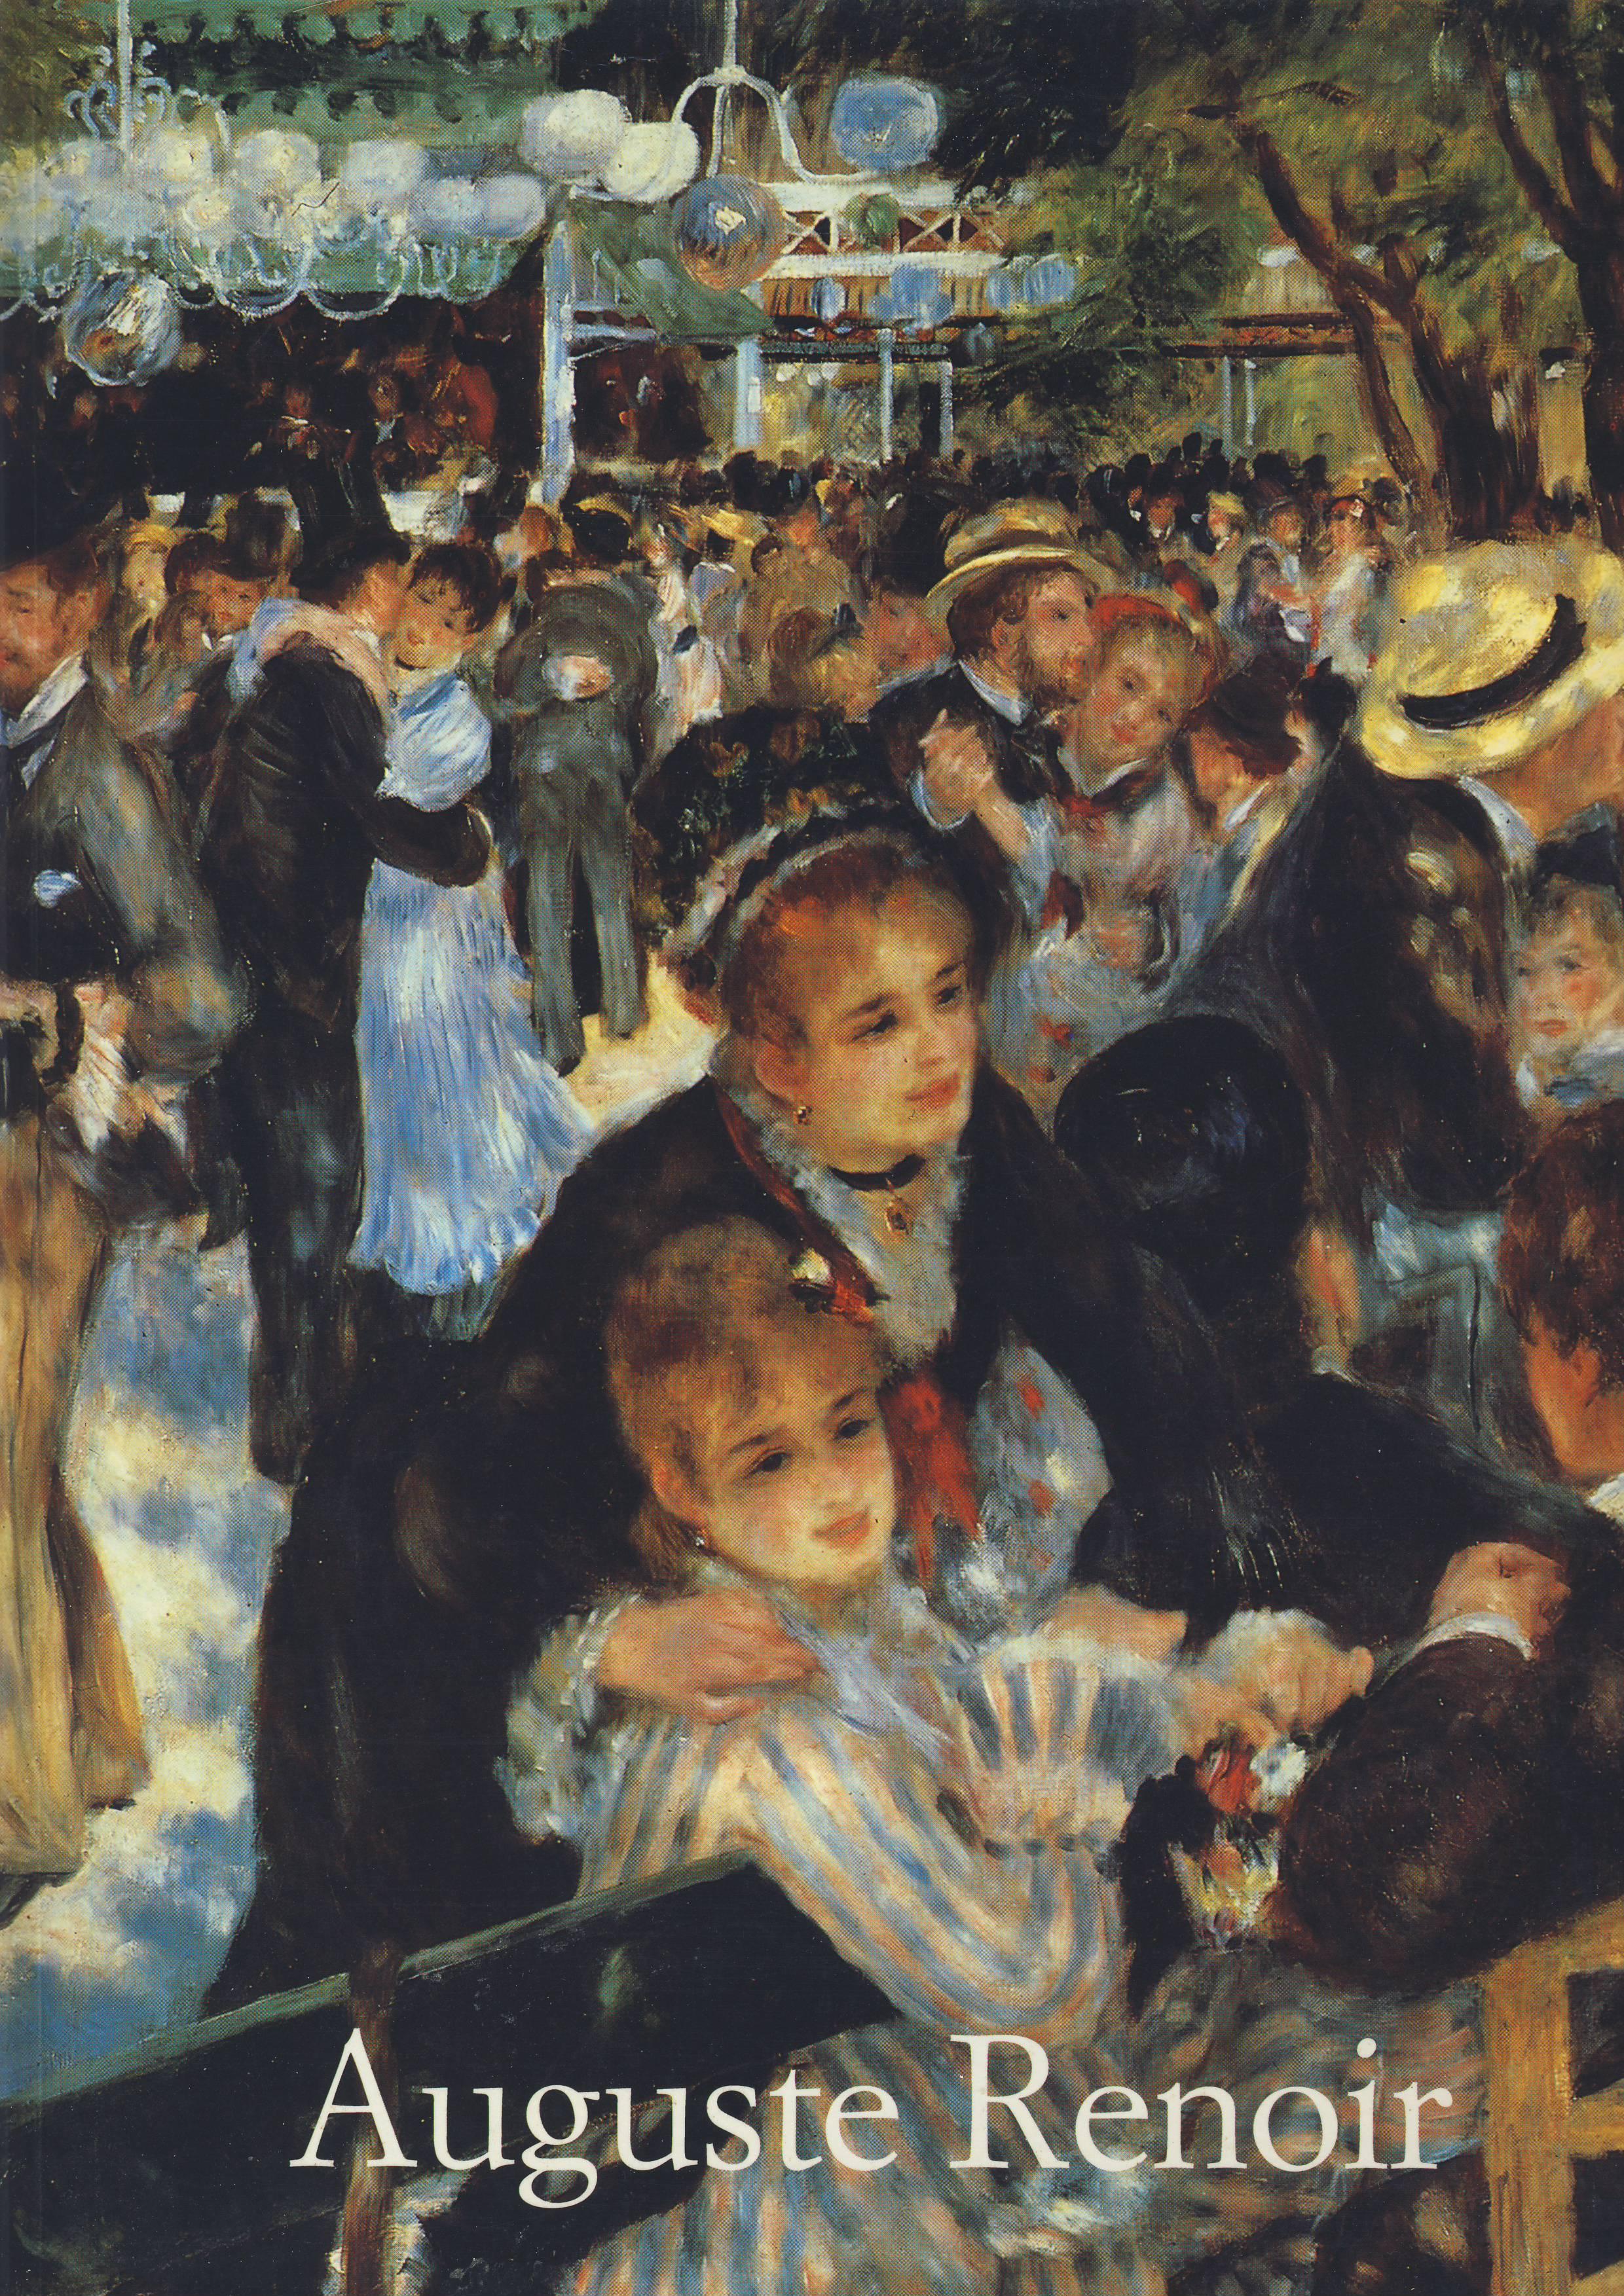 Pierre-Auguste Renoir, 1841-1919